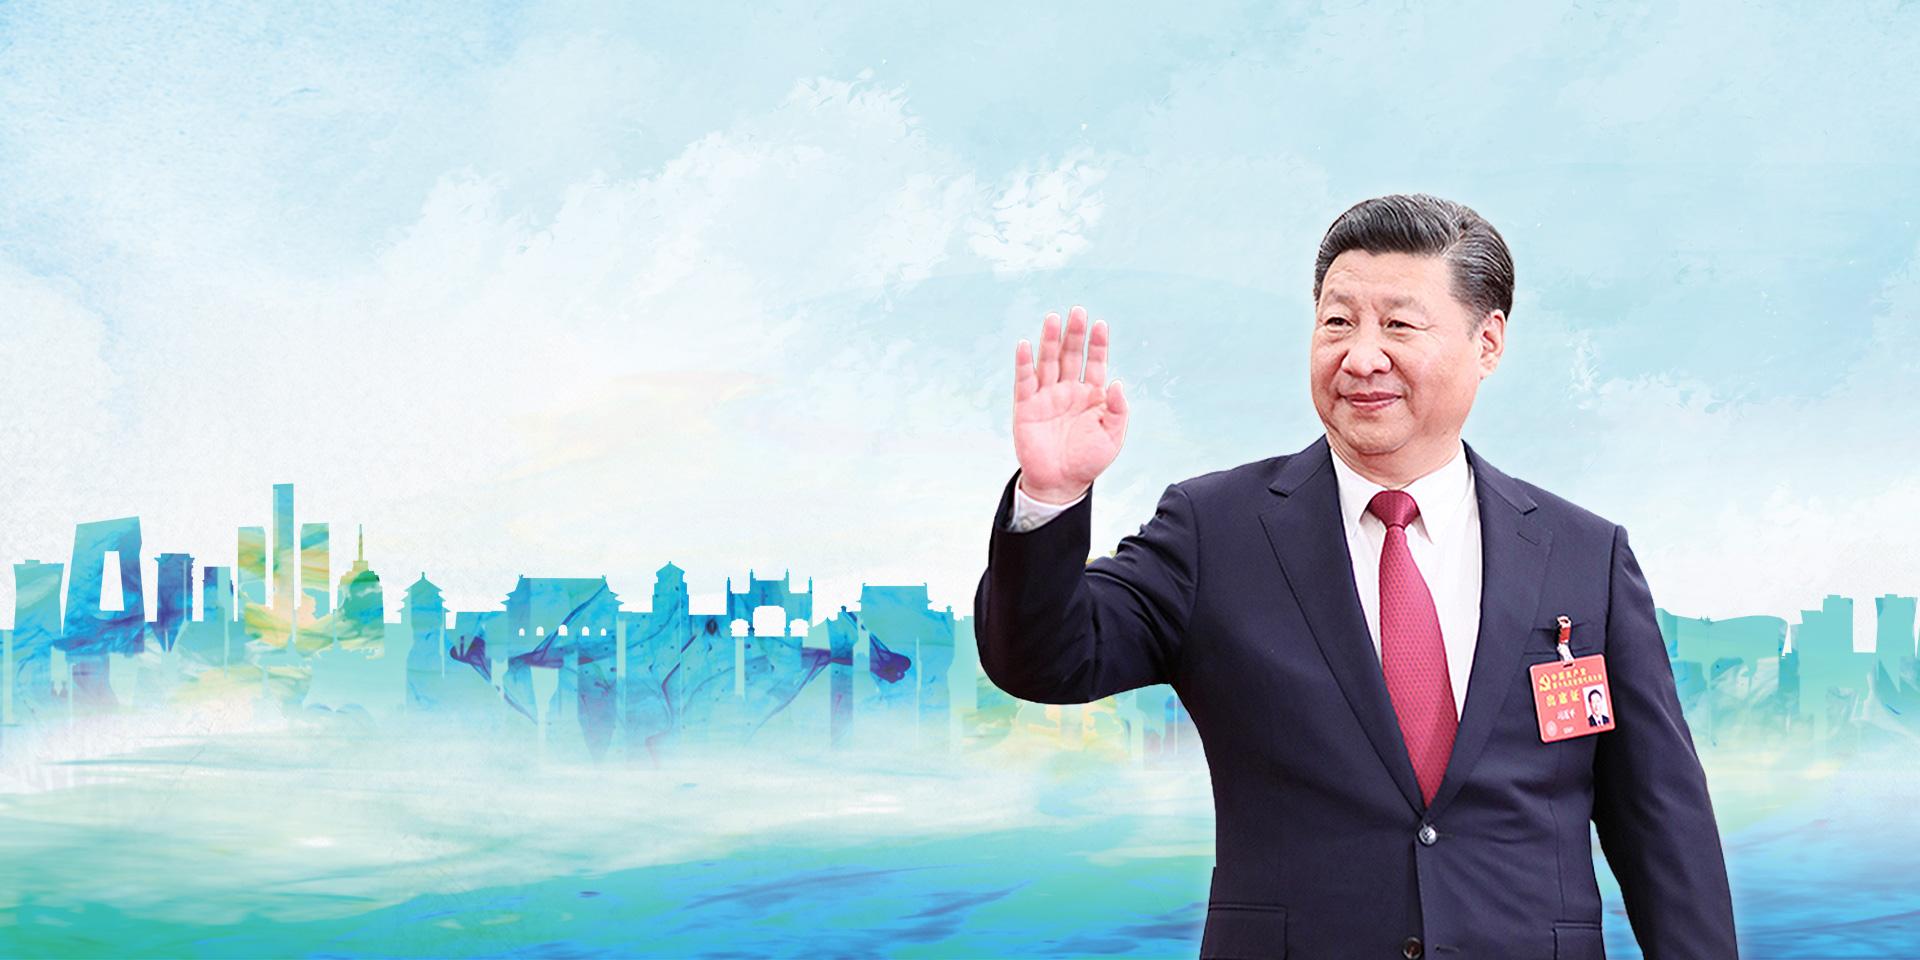 要做好周邊外交工作,推動周邊環境更加友好、更加有利。